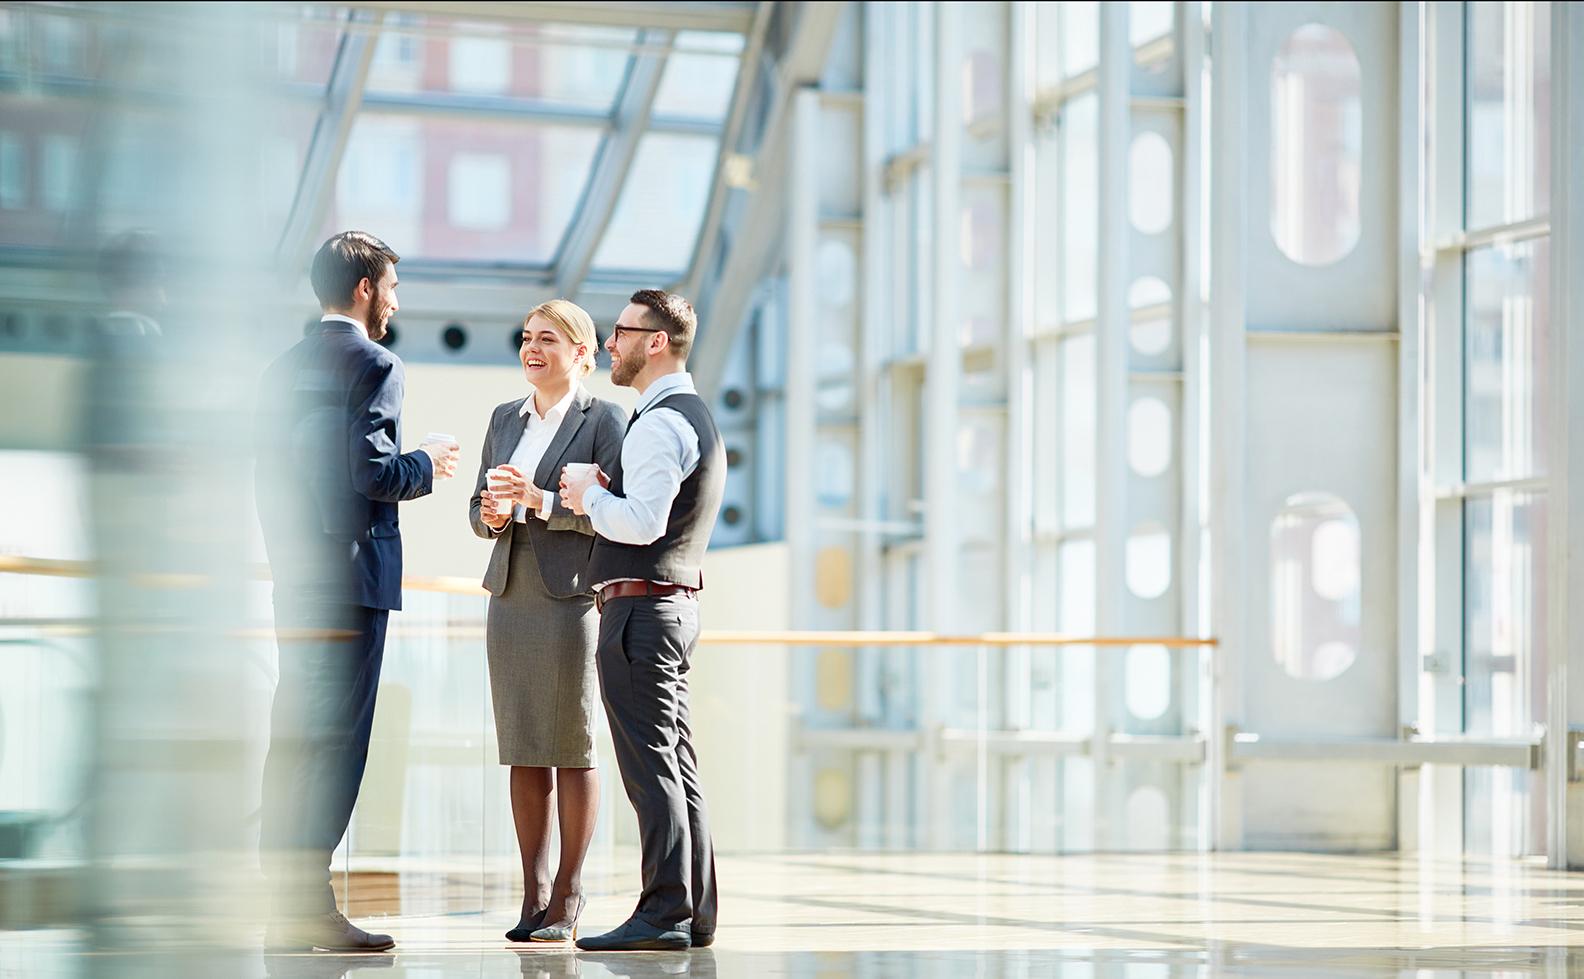 Groep moderne zakelijk geklede mensen in gesprek met een kop koffie in een door de zon verlichte hal of bedrijfspand.